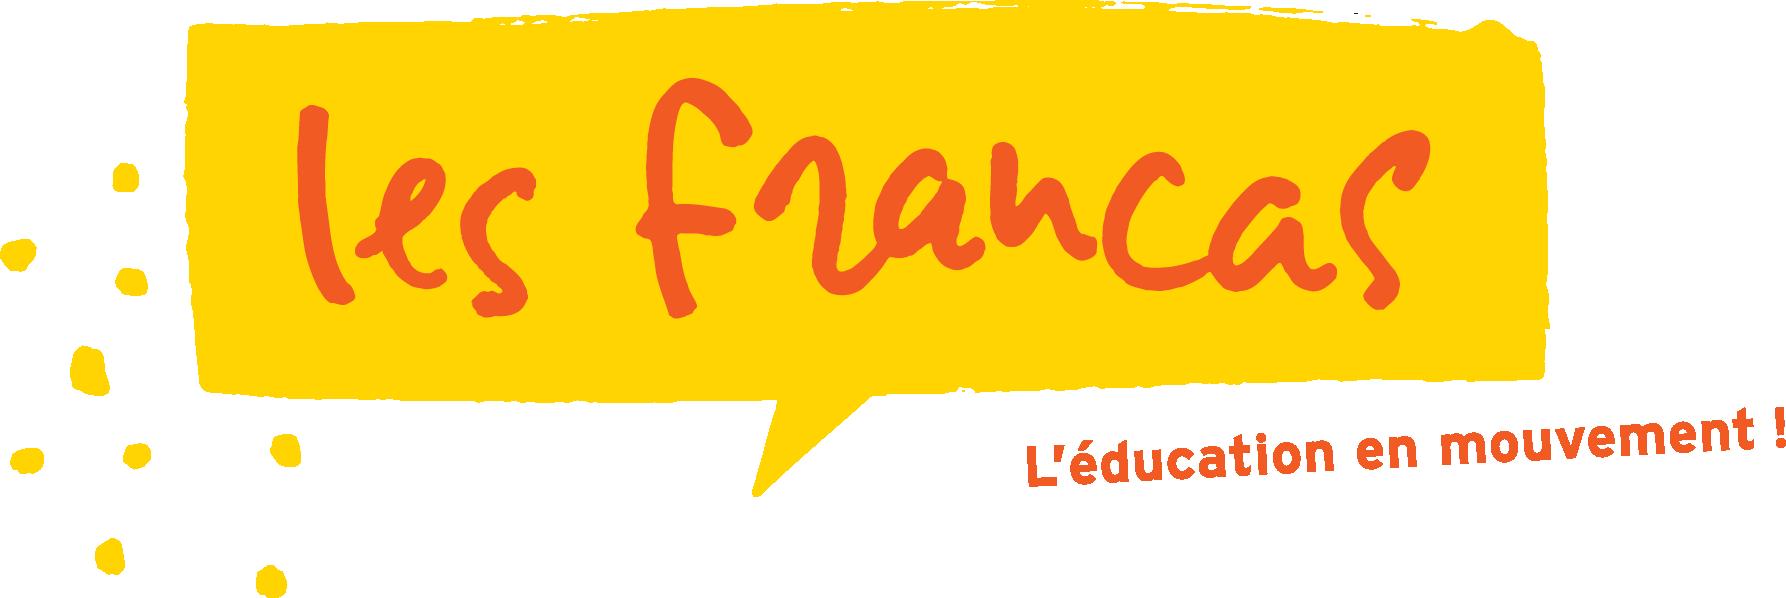 Les Francas de Meurthe-et-Moselle